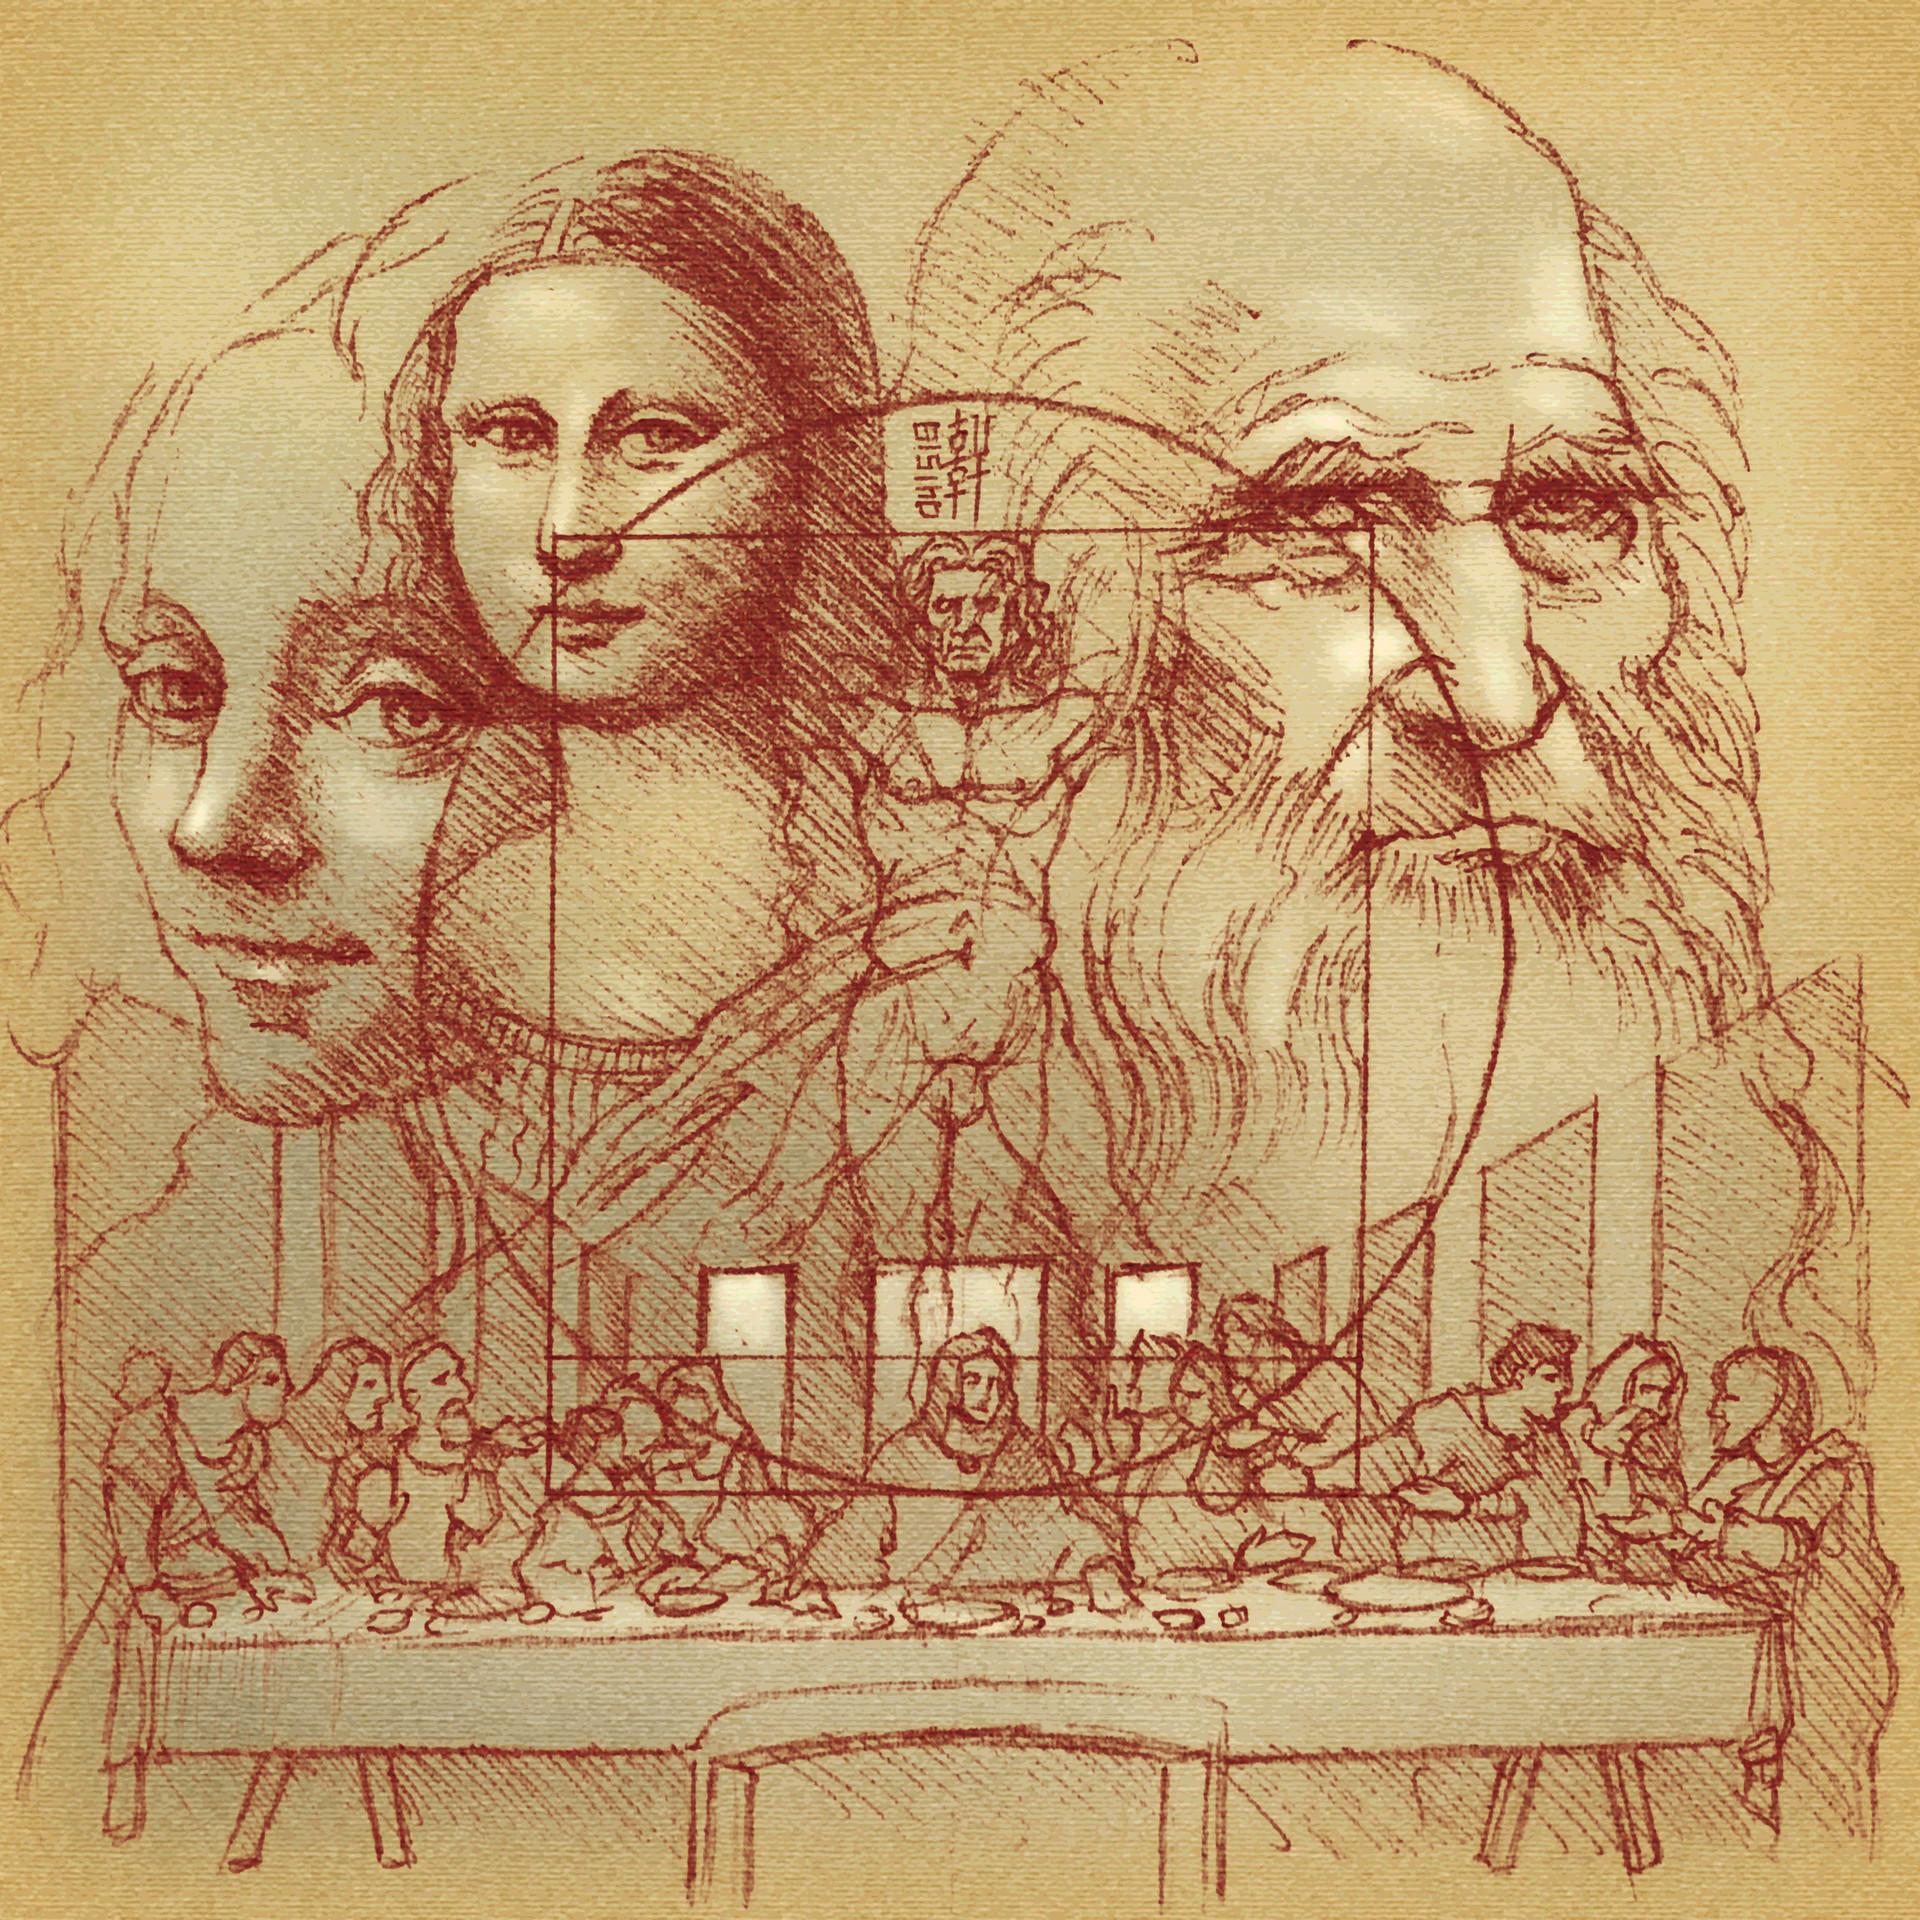 Day 04-15-18 - Da Vinci in Red